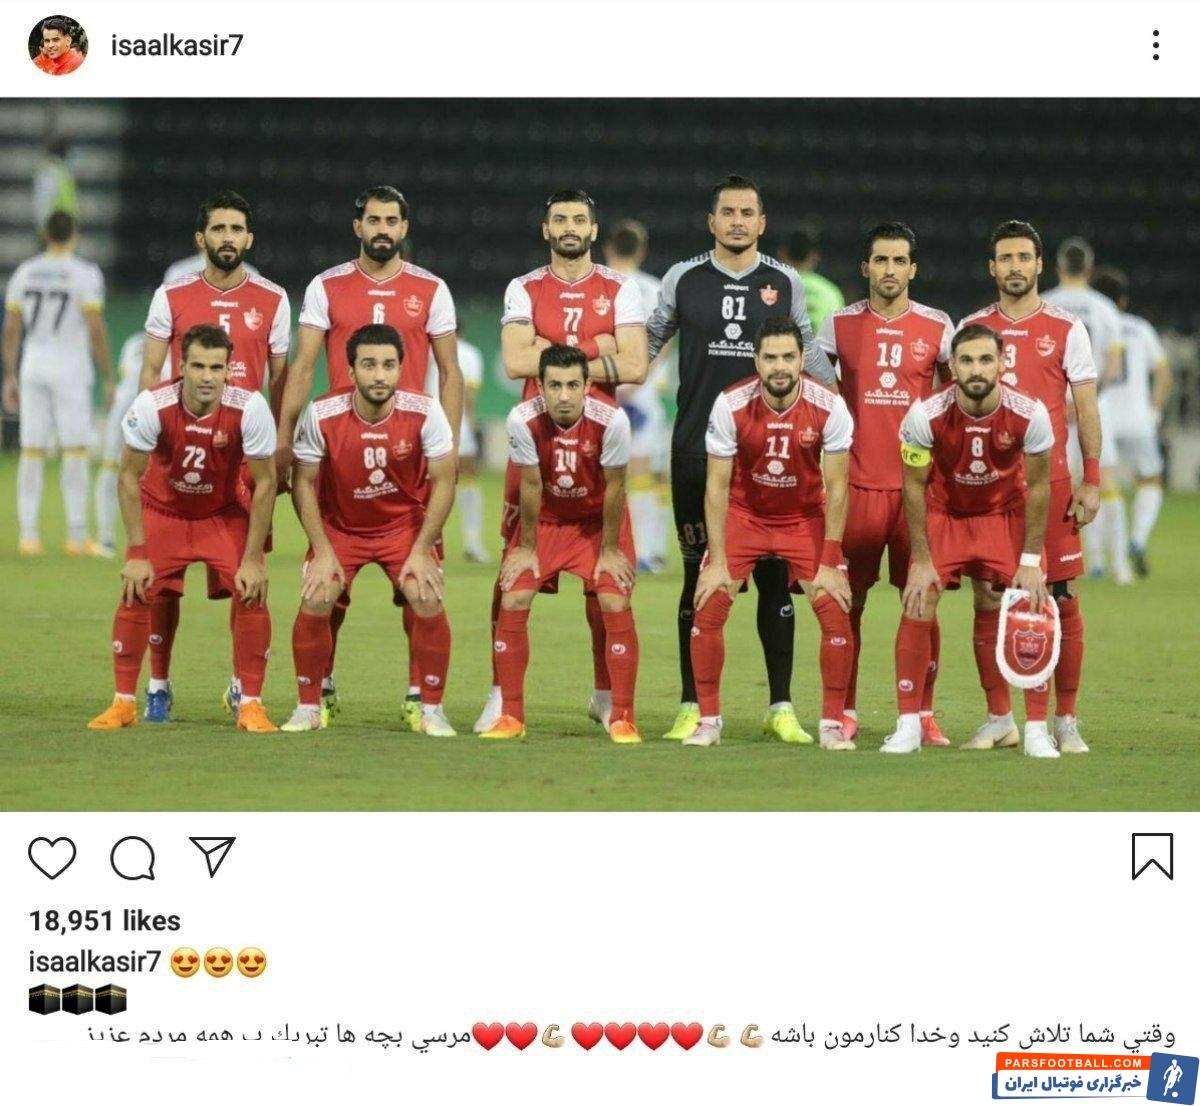 عیسی آل کثیر که با رای عجیب کنفدراسیون فوتبال آسیا، شش ماه محروم شده بود، پس از این پیروزی در اینستاگرامش فینالیست شدن سرخپوشان را تبریک گفت.